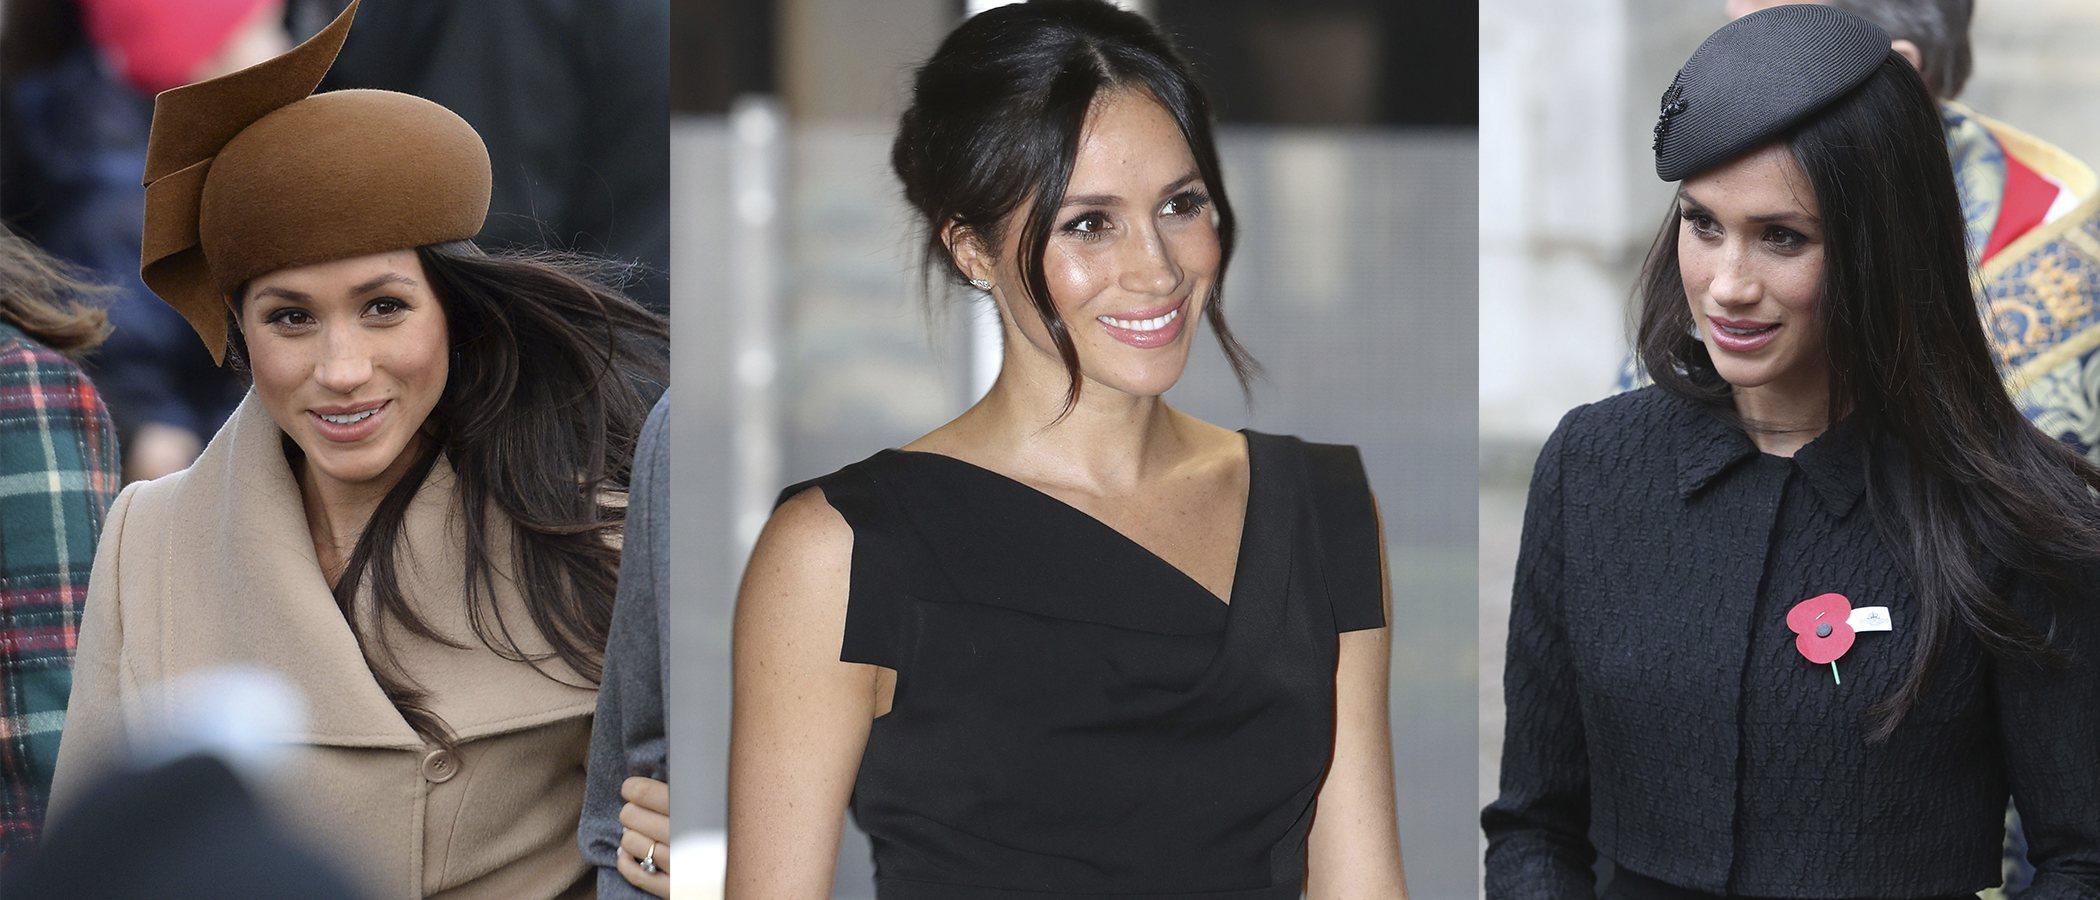 Los beauty looks de Meghan Markle como prometida del Príncipe Harry